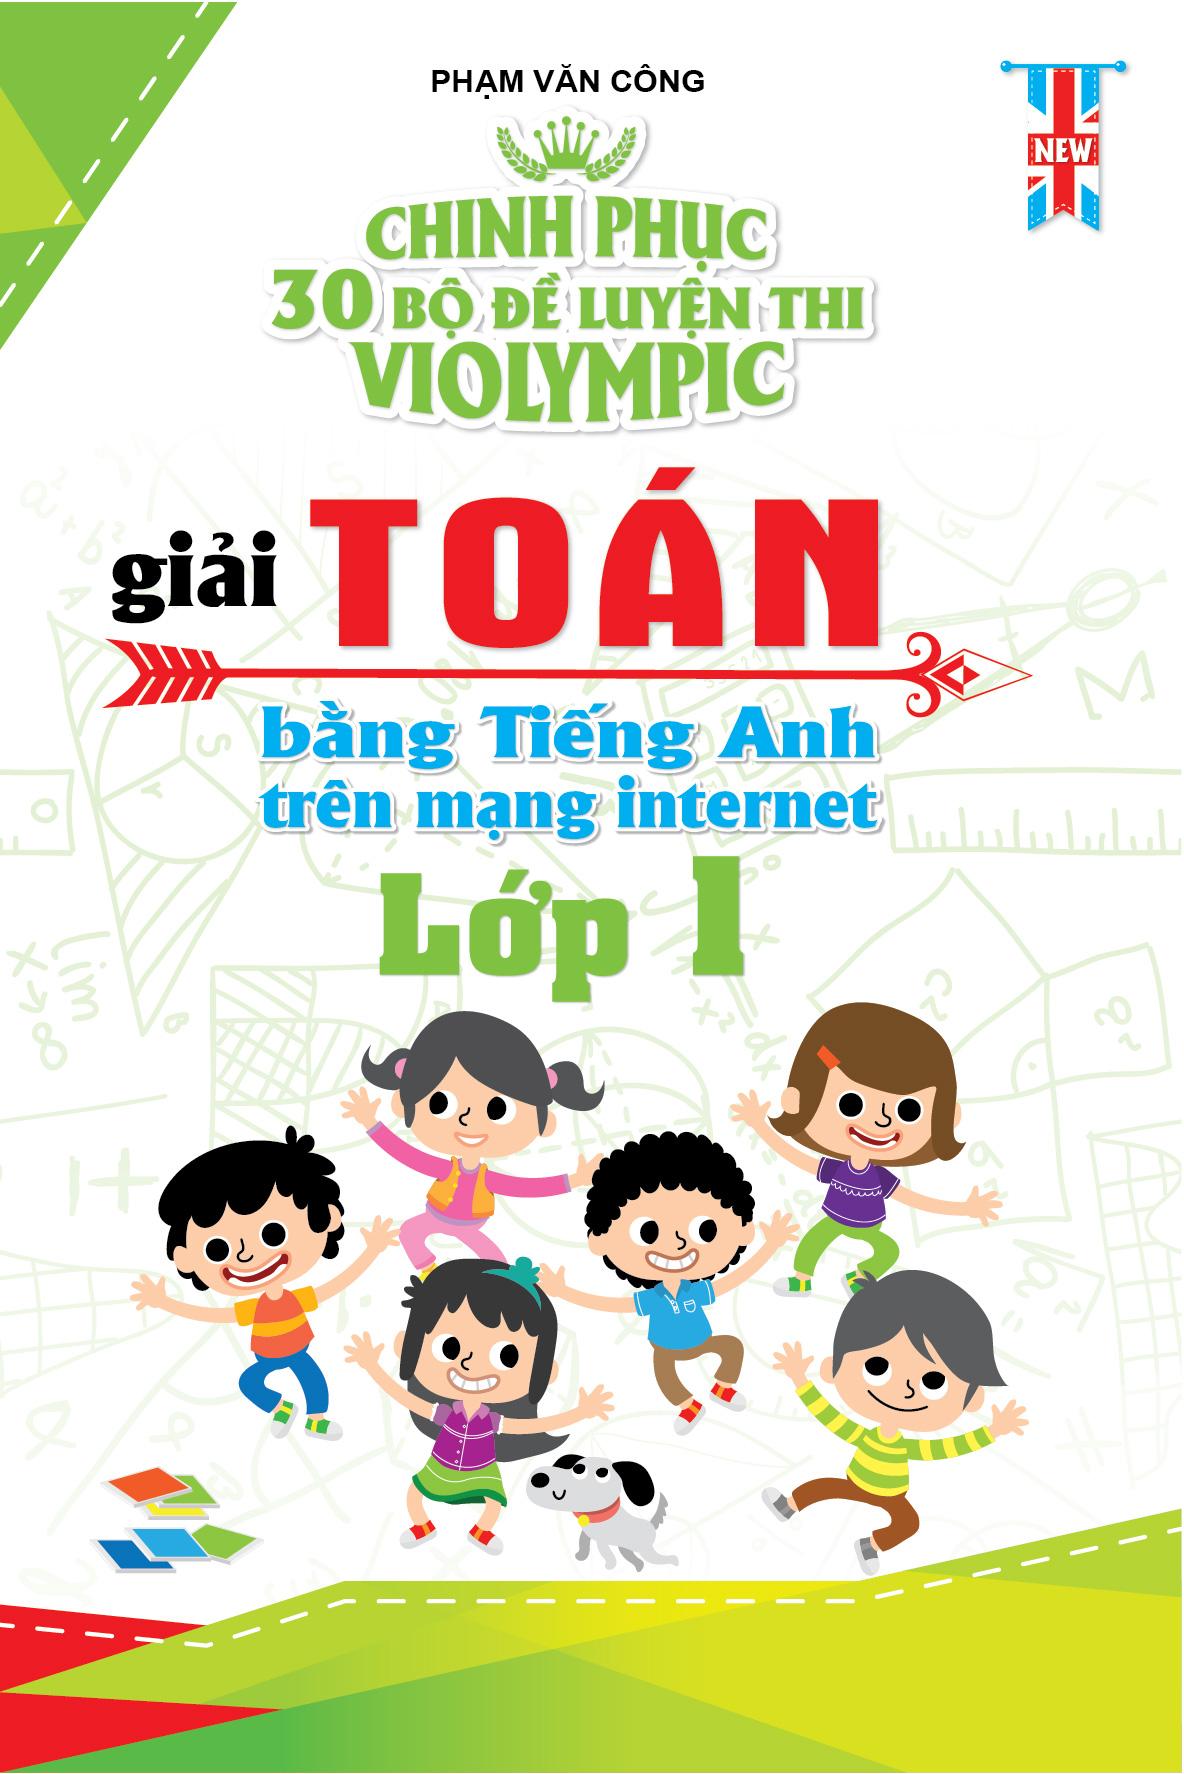 Chinh phục 30 Bộ Đề Thi Violympic Giải Toán Bằng Tiếng Anh Trên Mạng Internet Lớp 1